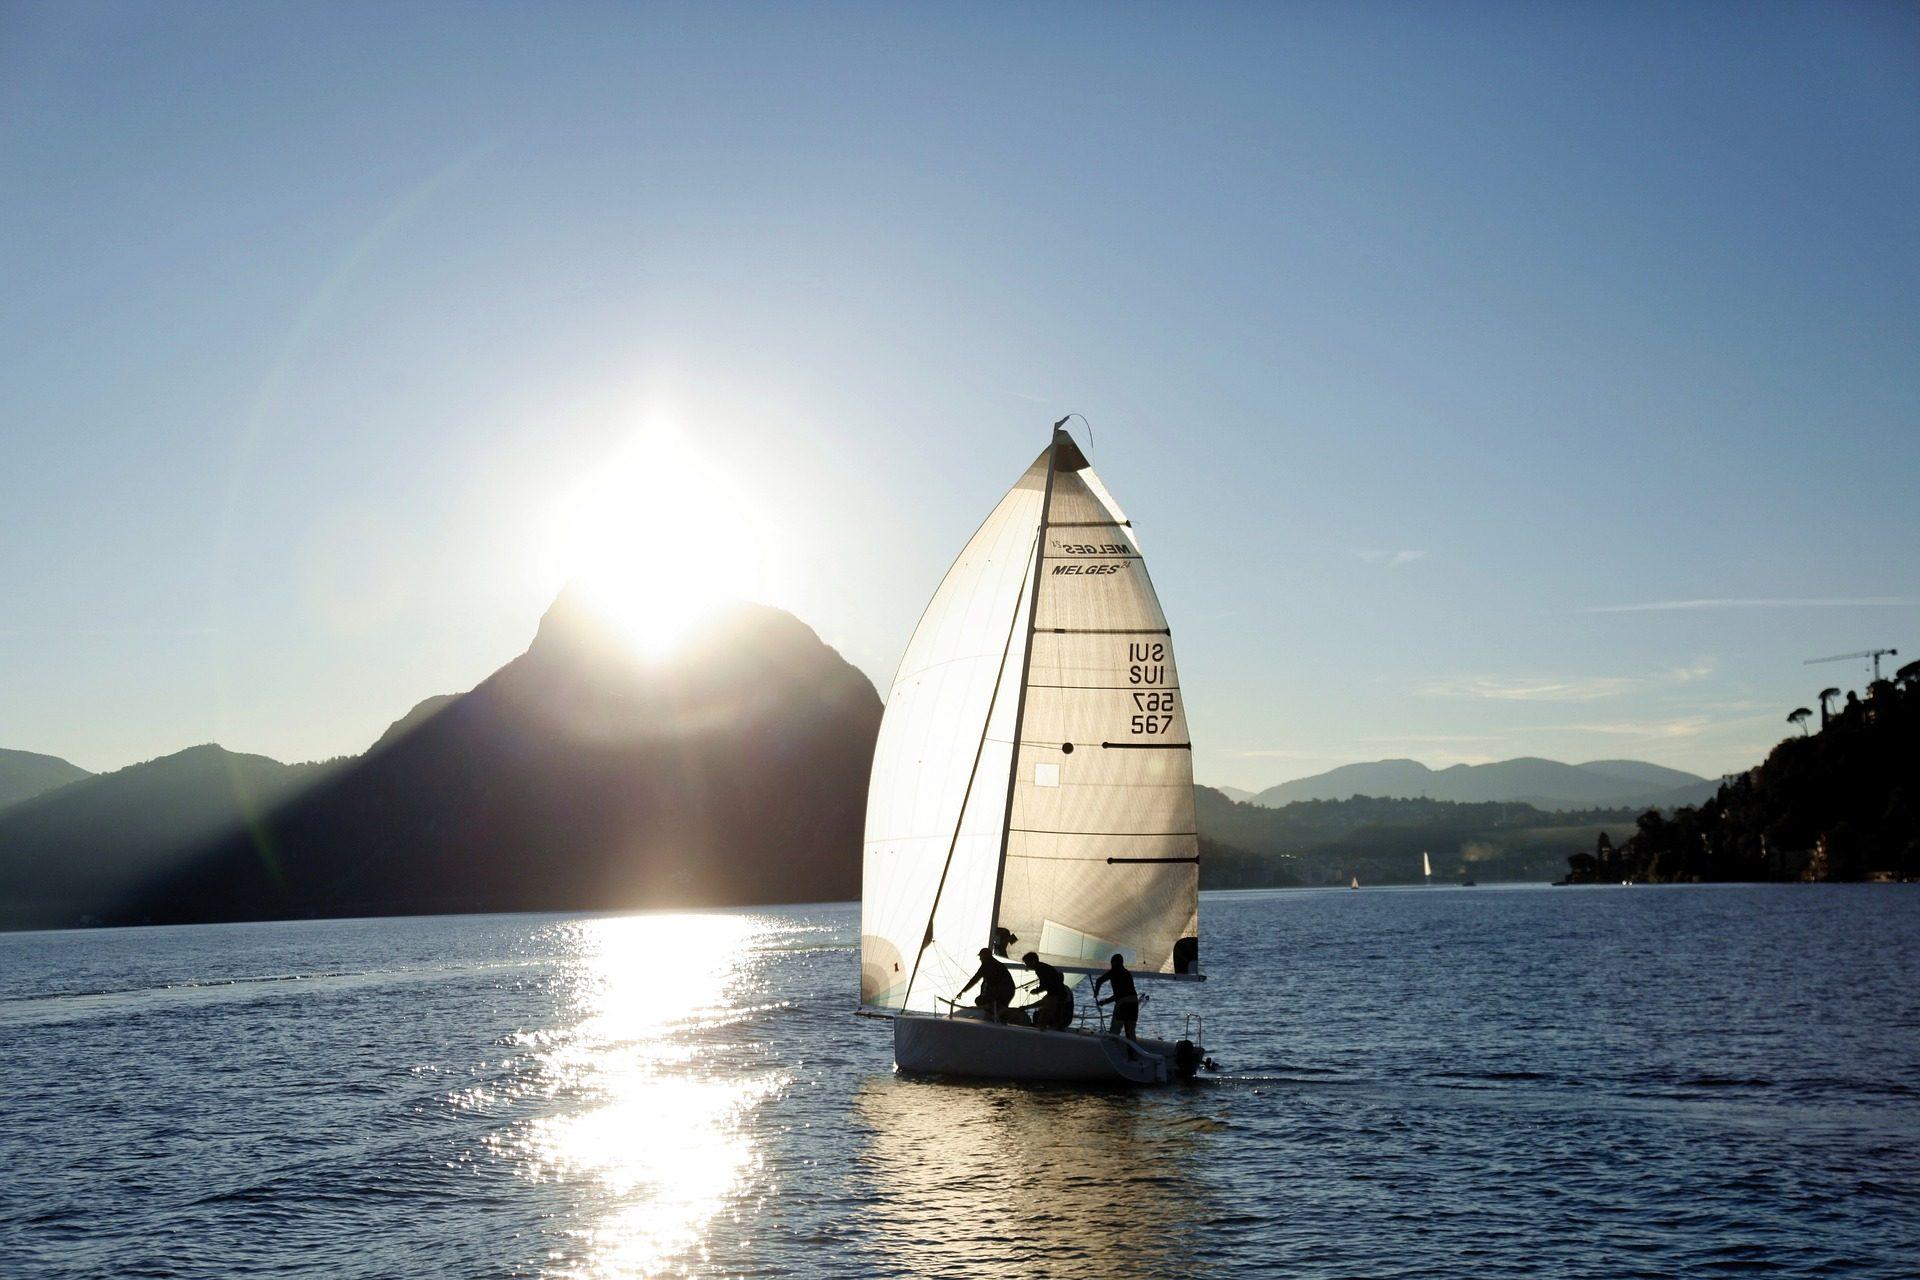 Boot, Segelboot, Meer, Montañas, Lugano, Schweiz - Wallpaper HD - Prof.-falken.com